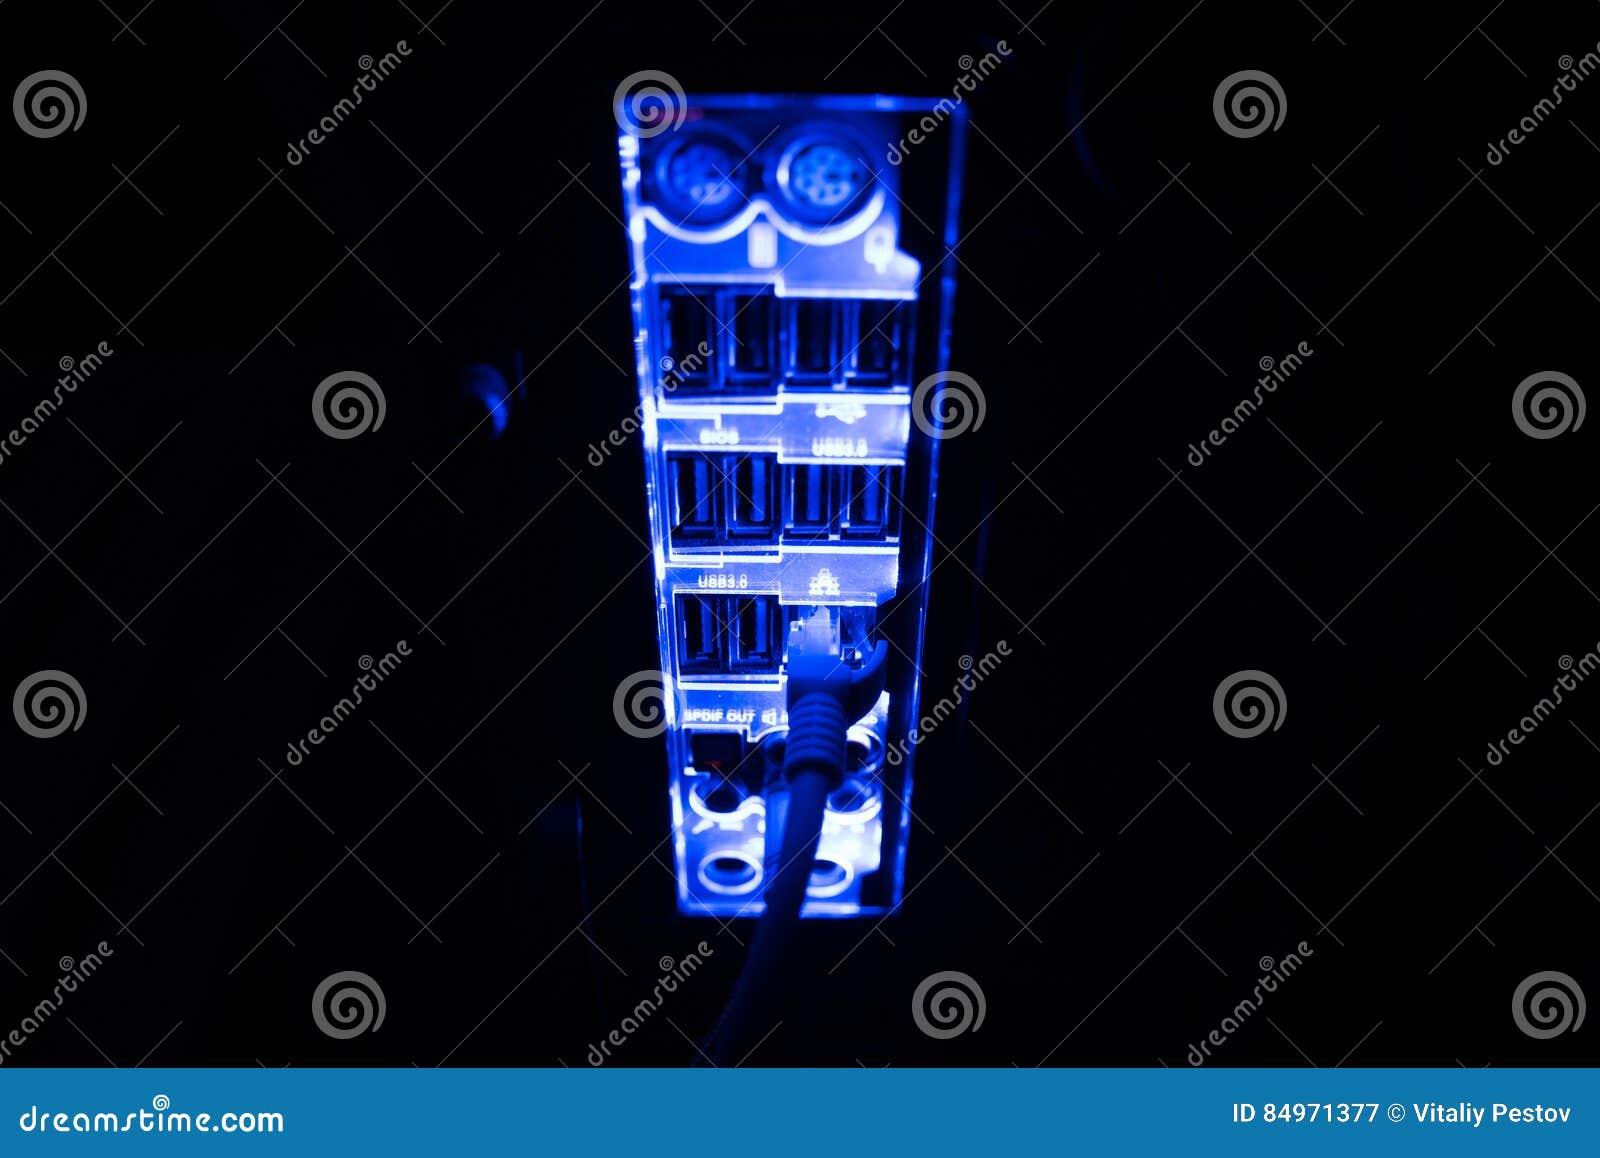 Συσκότιση, θολωμένα σύνορα Κλείστε επάνω των μπλε καλωδίων δικτύων που συνδέονται με το μαύρο διακόπτη που καίγεται στο σκοτάδι